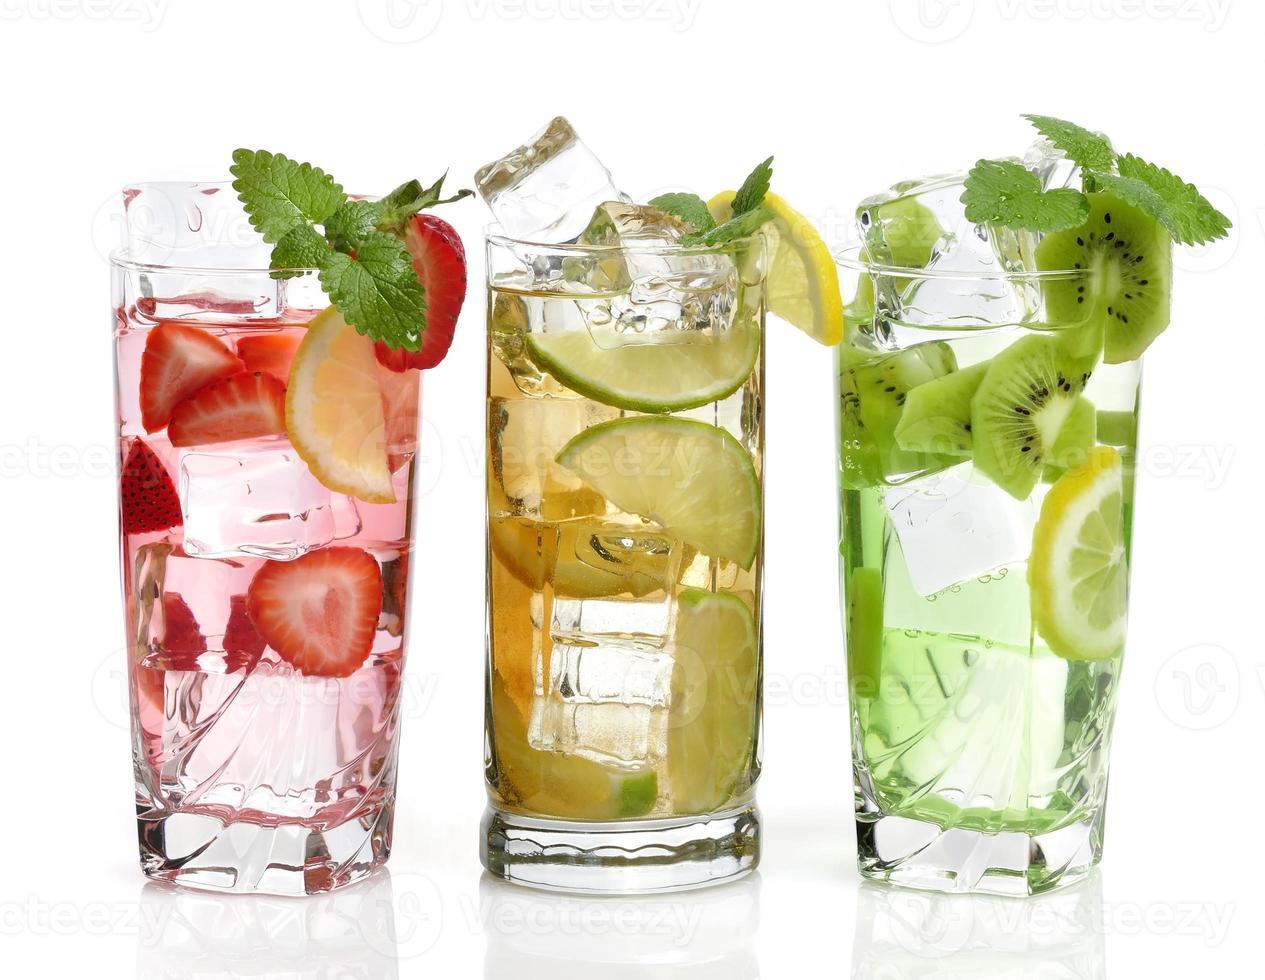 kalte Getränke mit Früchten foto